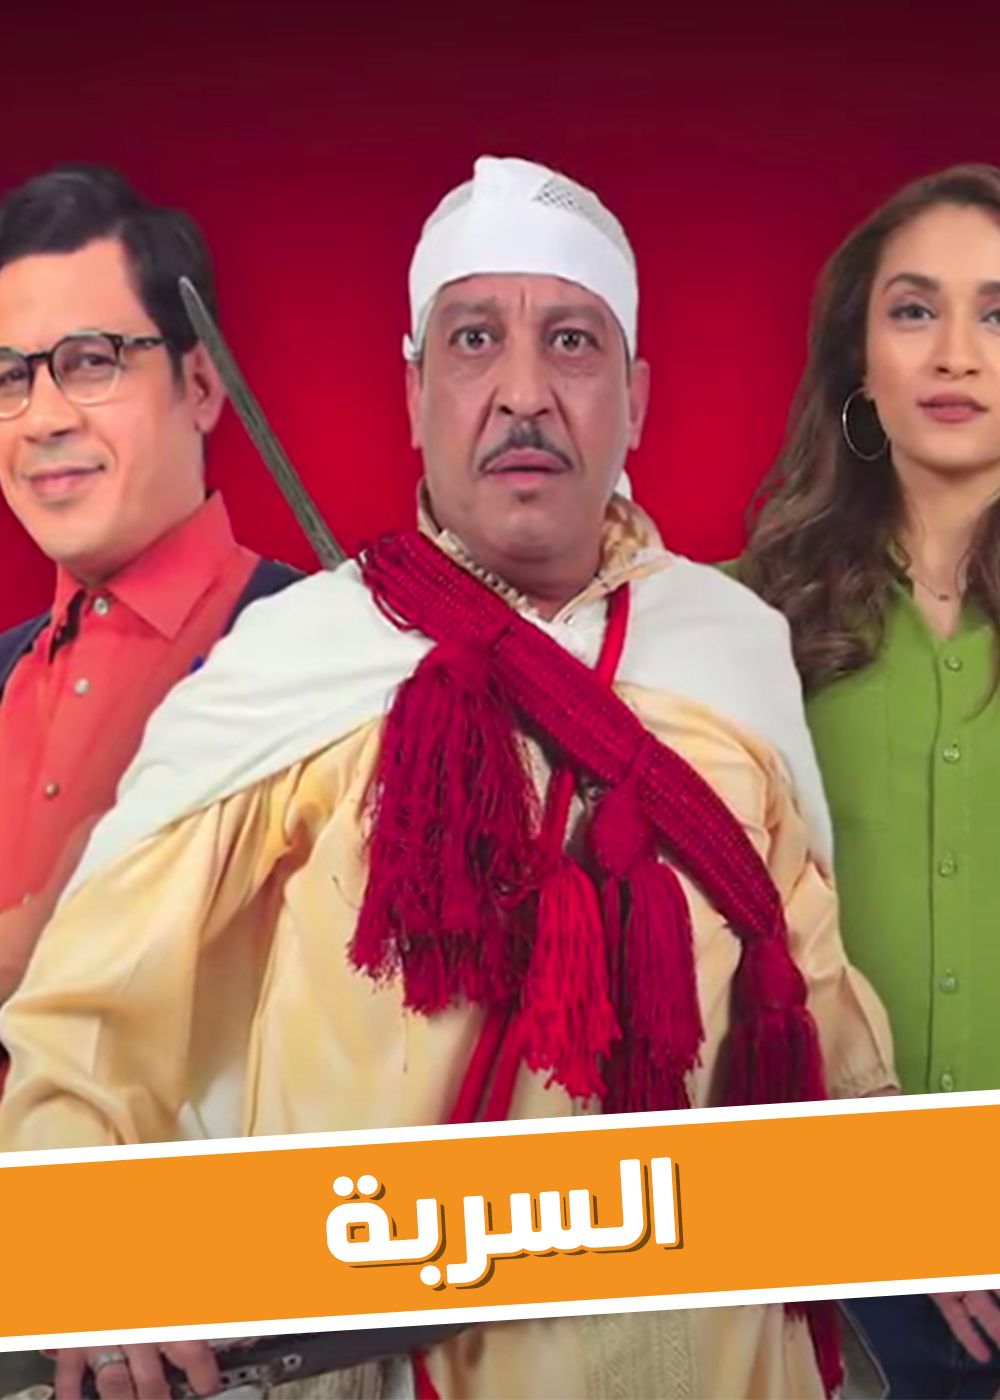 بوستر مسلسل السربة في رمضان 2020